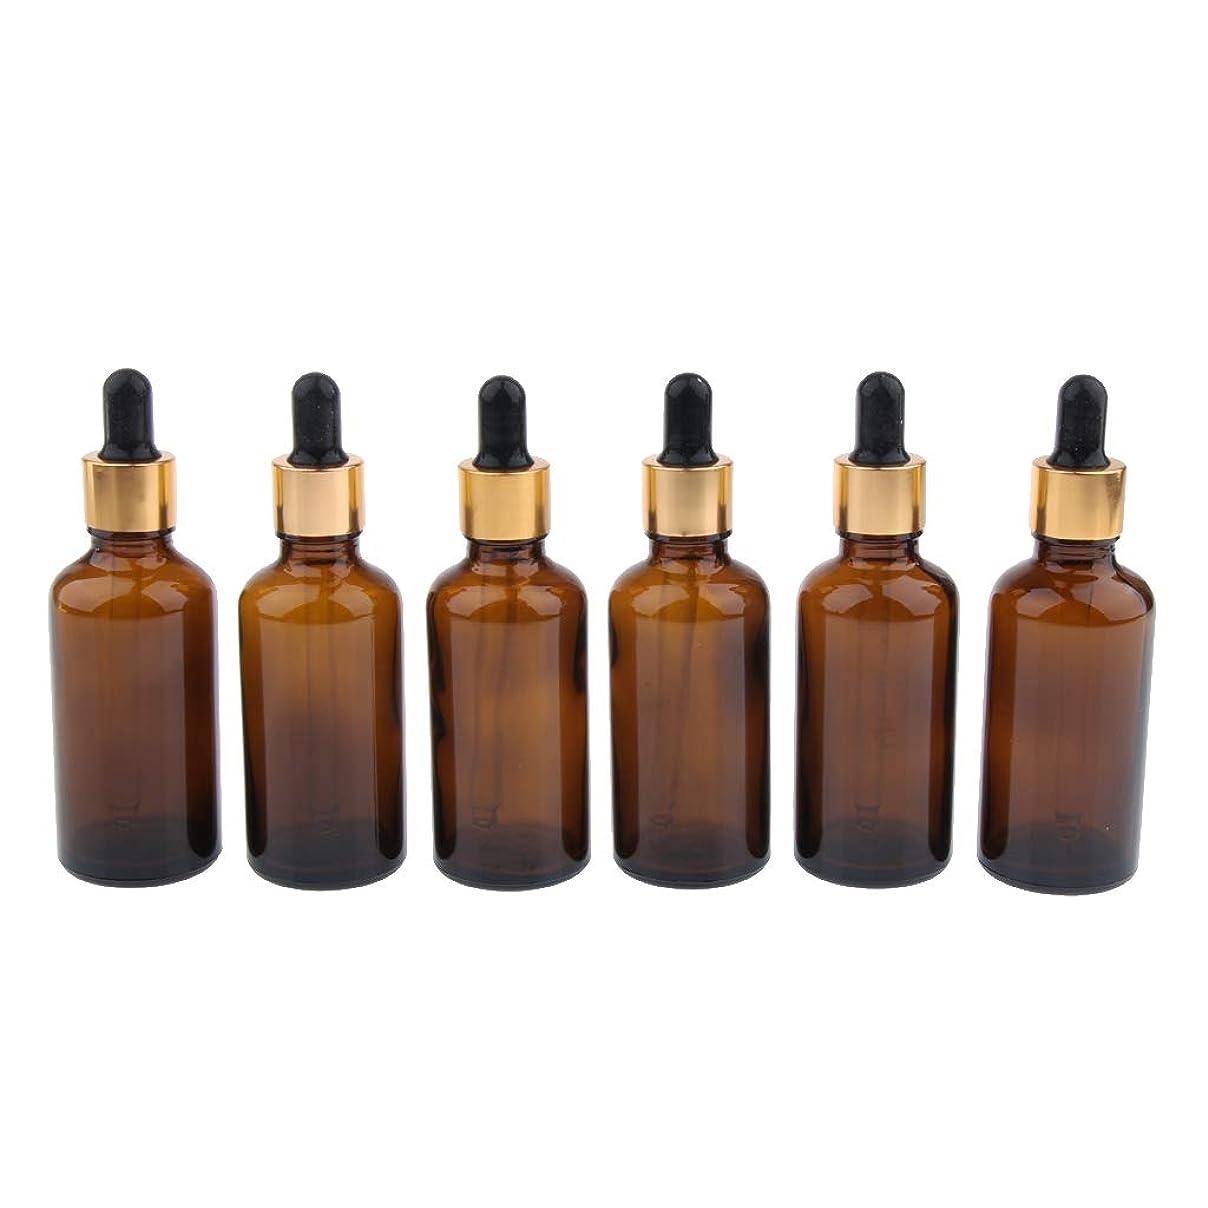 ブリッジ合図薄めるIPOTCH 6本 遮光ビン 精油瓶 香水瓶 空ボトル スポイト ガラス 詰め替え マルチ容量 - 50ml